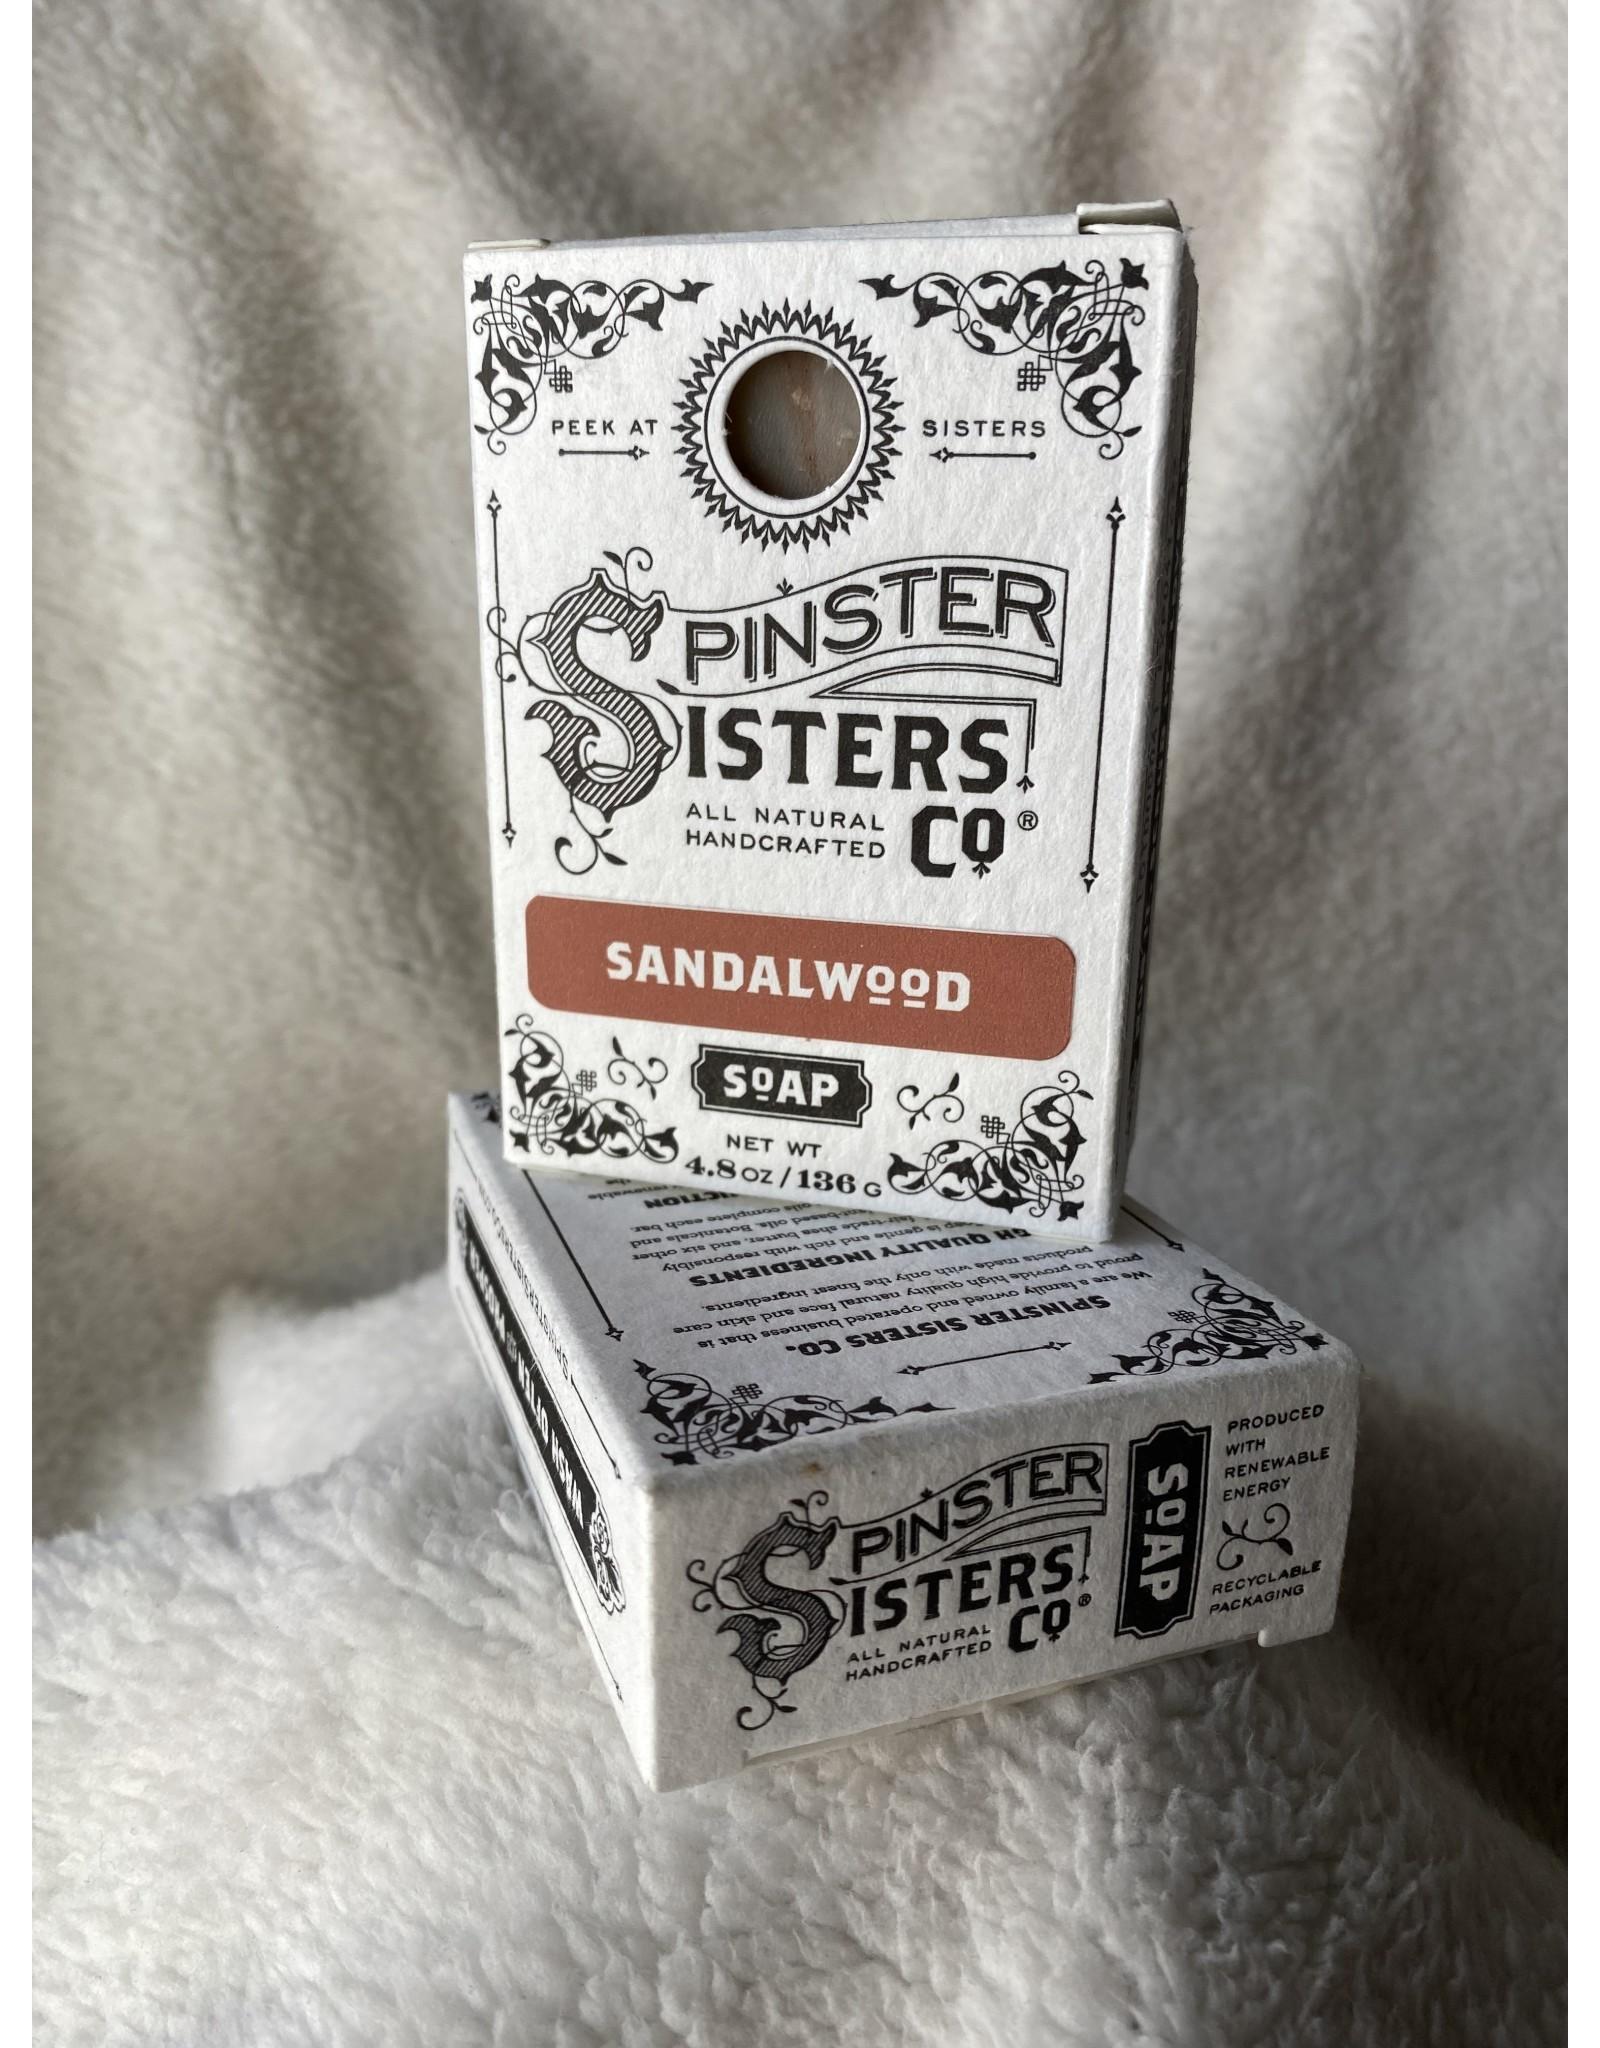 Spinster Sisters Co. 4.8 oz. Soap Bar   Sandalwood